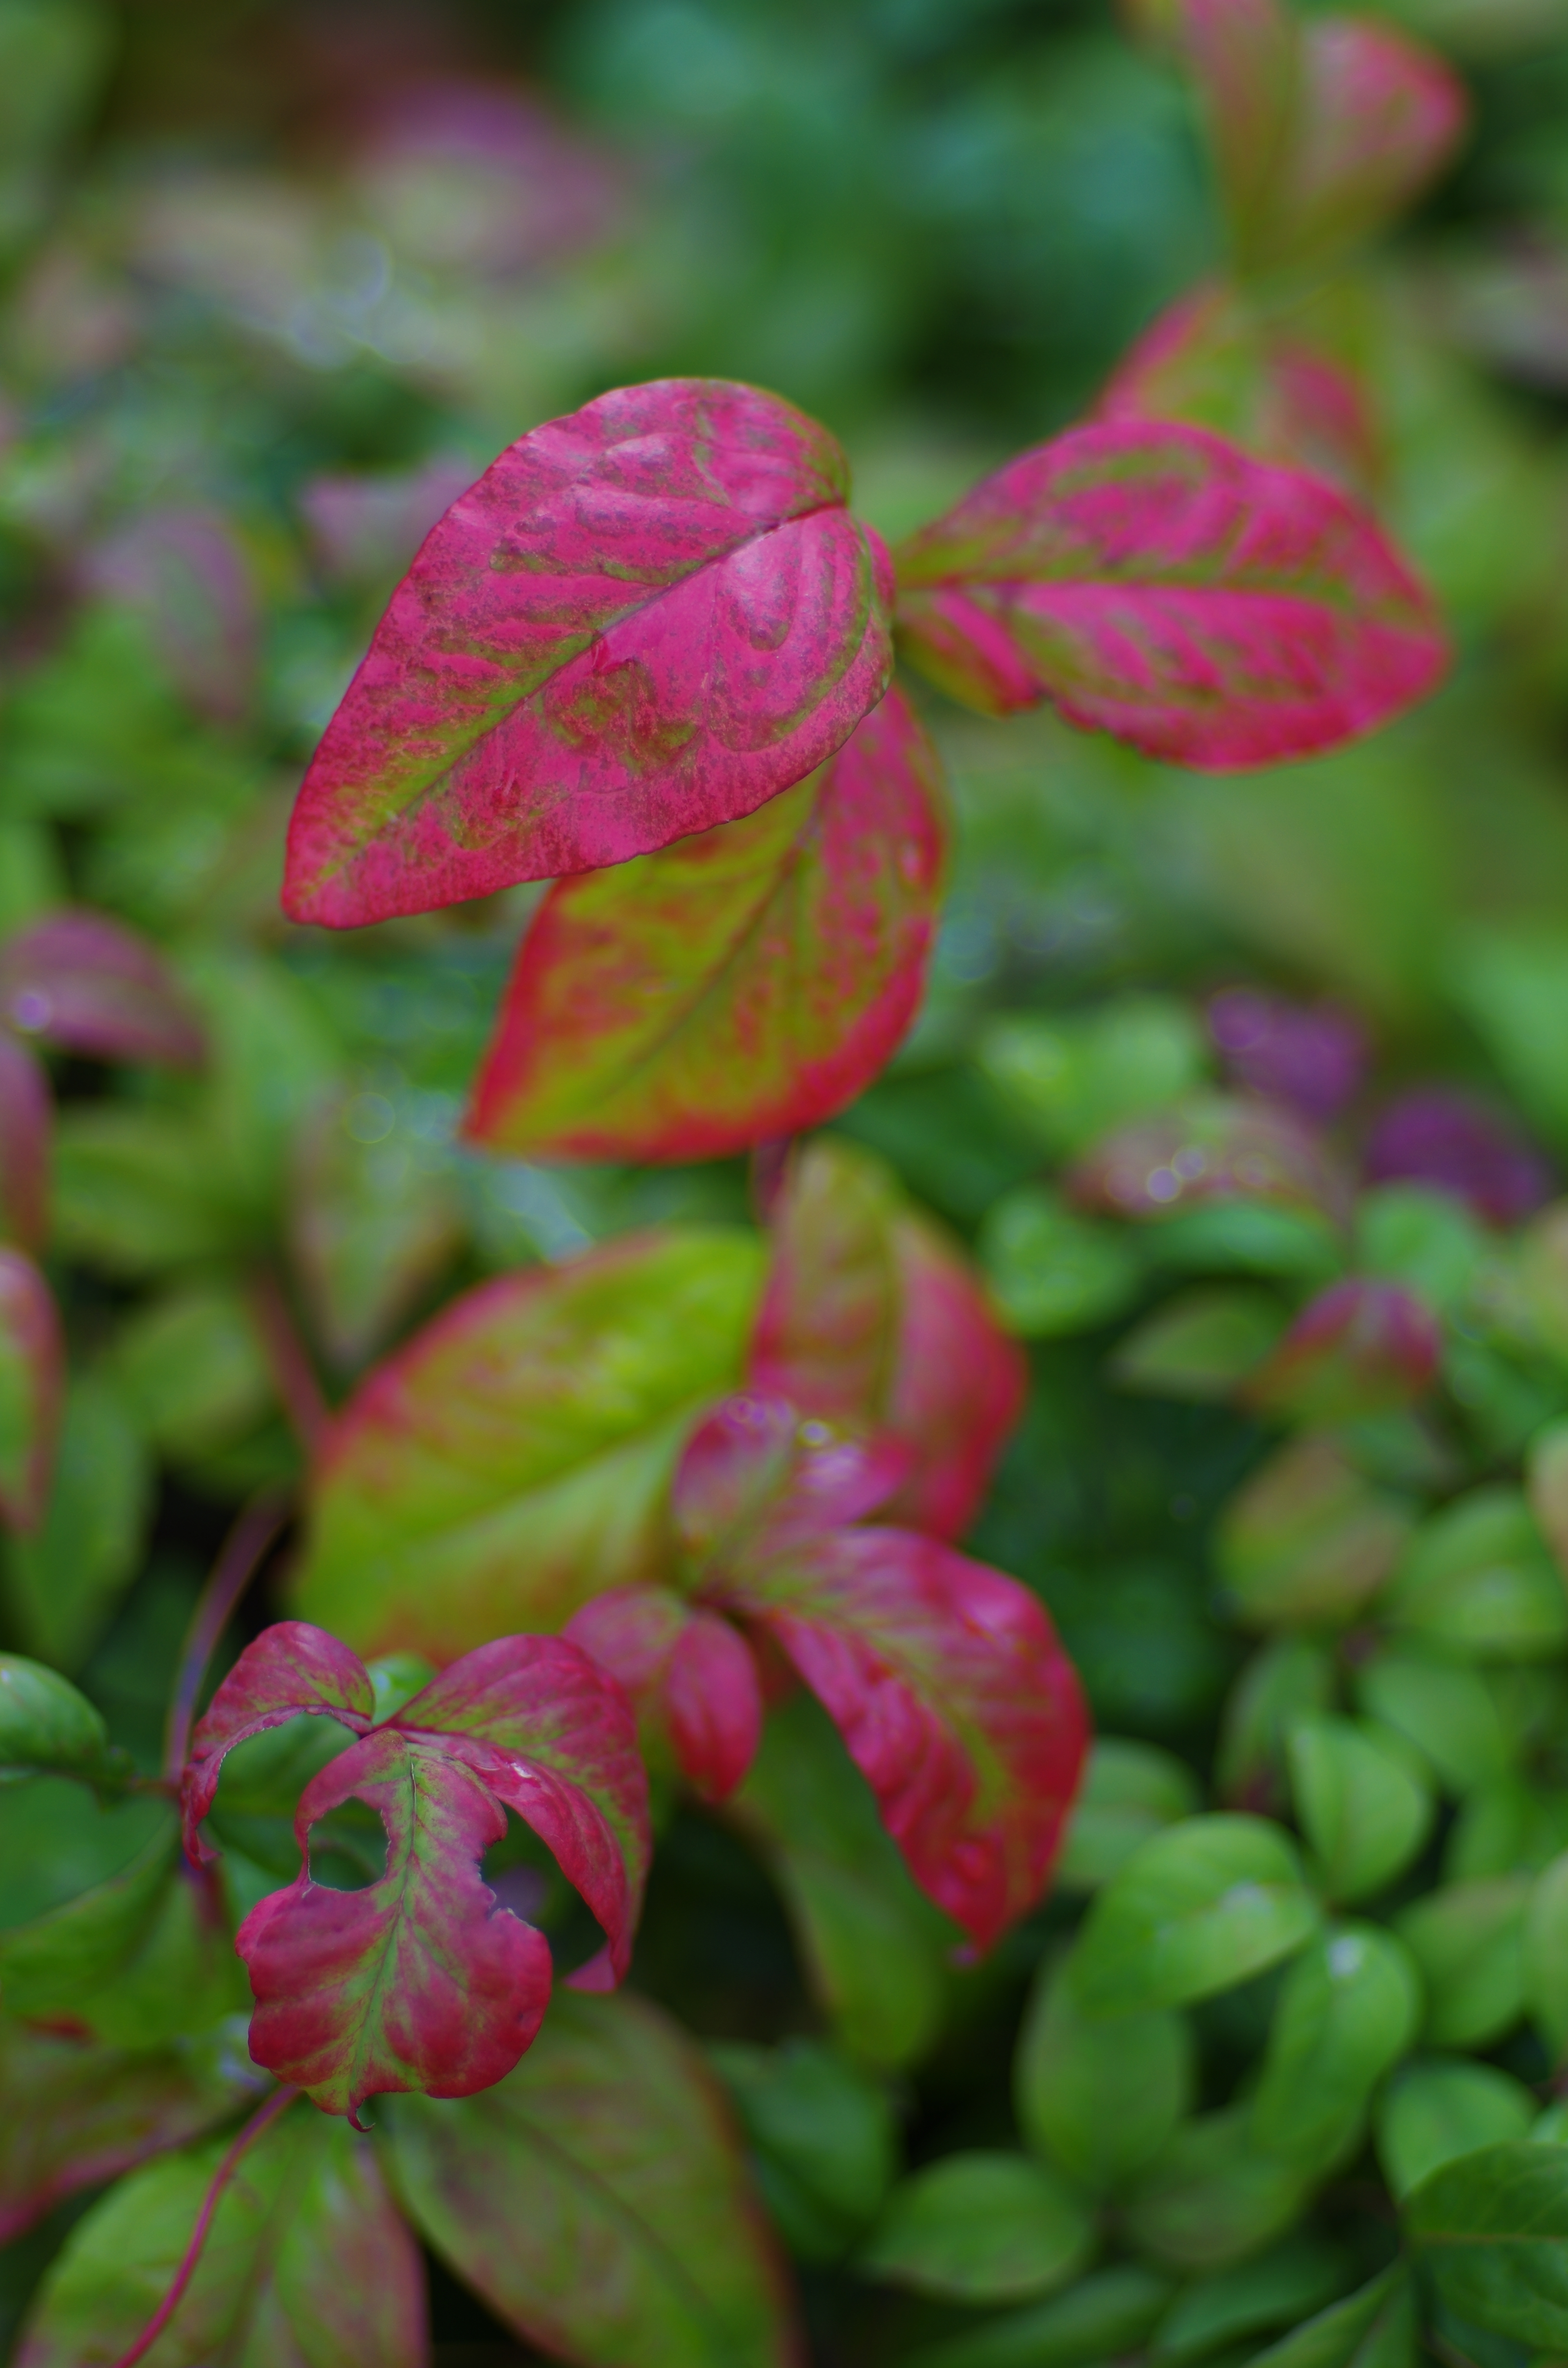 <b>赤い葉の質感描写が美しい。やはり解像度の高いレンズとだと良い結果が出る。PENTAX K-5 IIs / F1.4 / 1/320秒 / 絞り優先AE / ISO80 / WB:オート / カスタムイメージ:鮮やか</b>